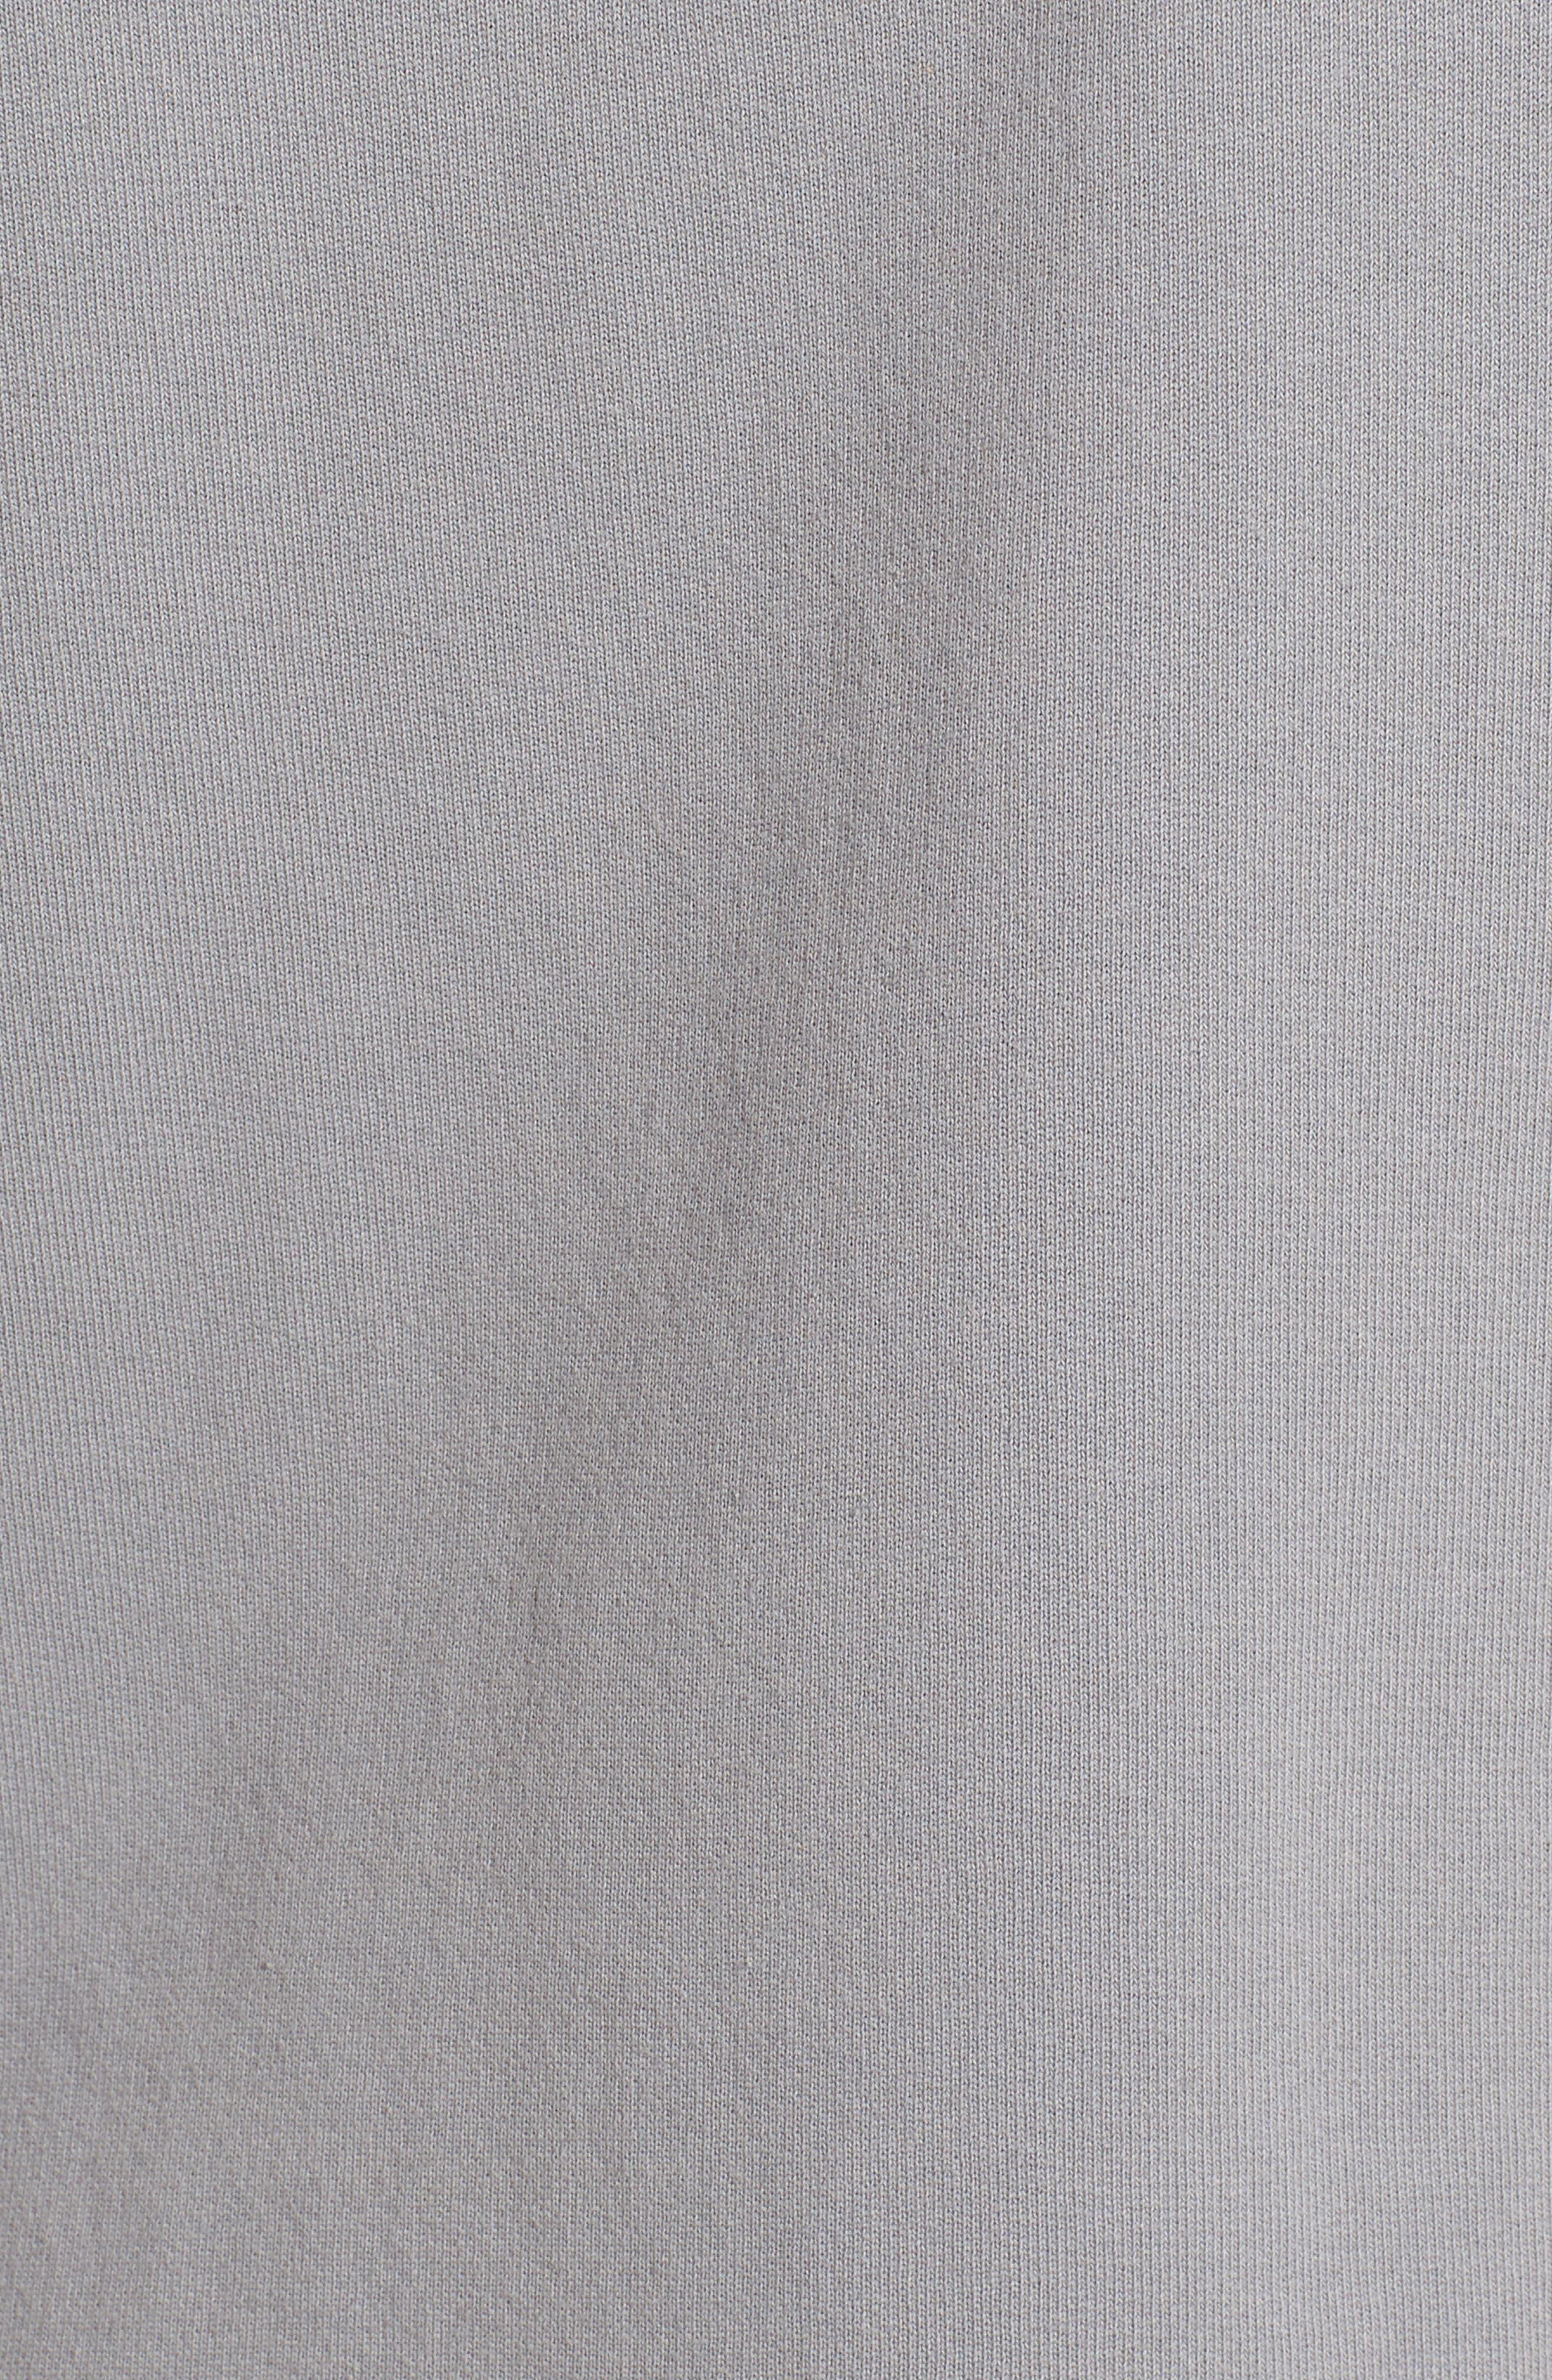 Tee Lab Long Sleeveless Zip Hoodie,                             Alternate thumbnail 5, color,                             037